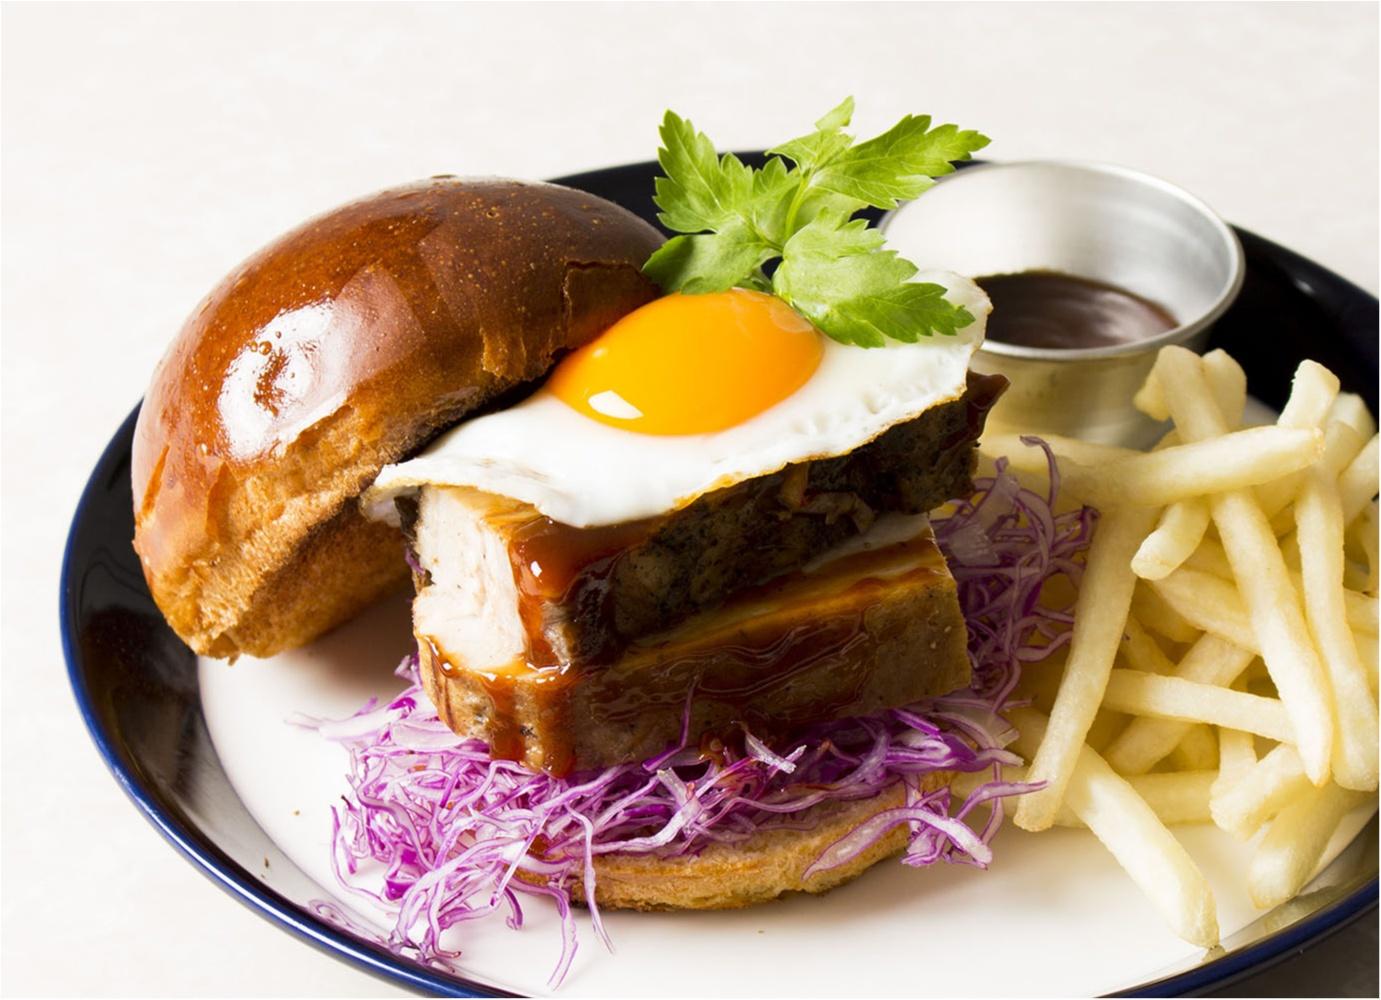 明日5/26(金)、横浜に行くとハンバーガーがもらえるかも!? グルメバーガーカフェ『ブルー ターミナル』がオープン☆_1